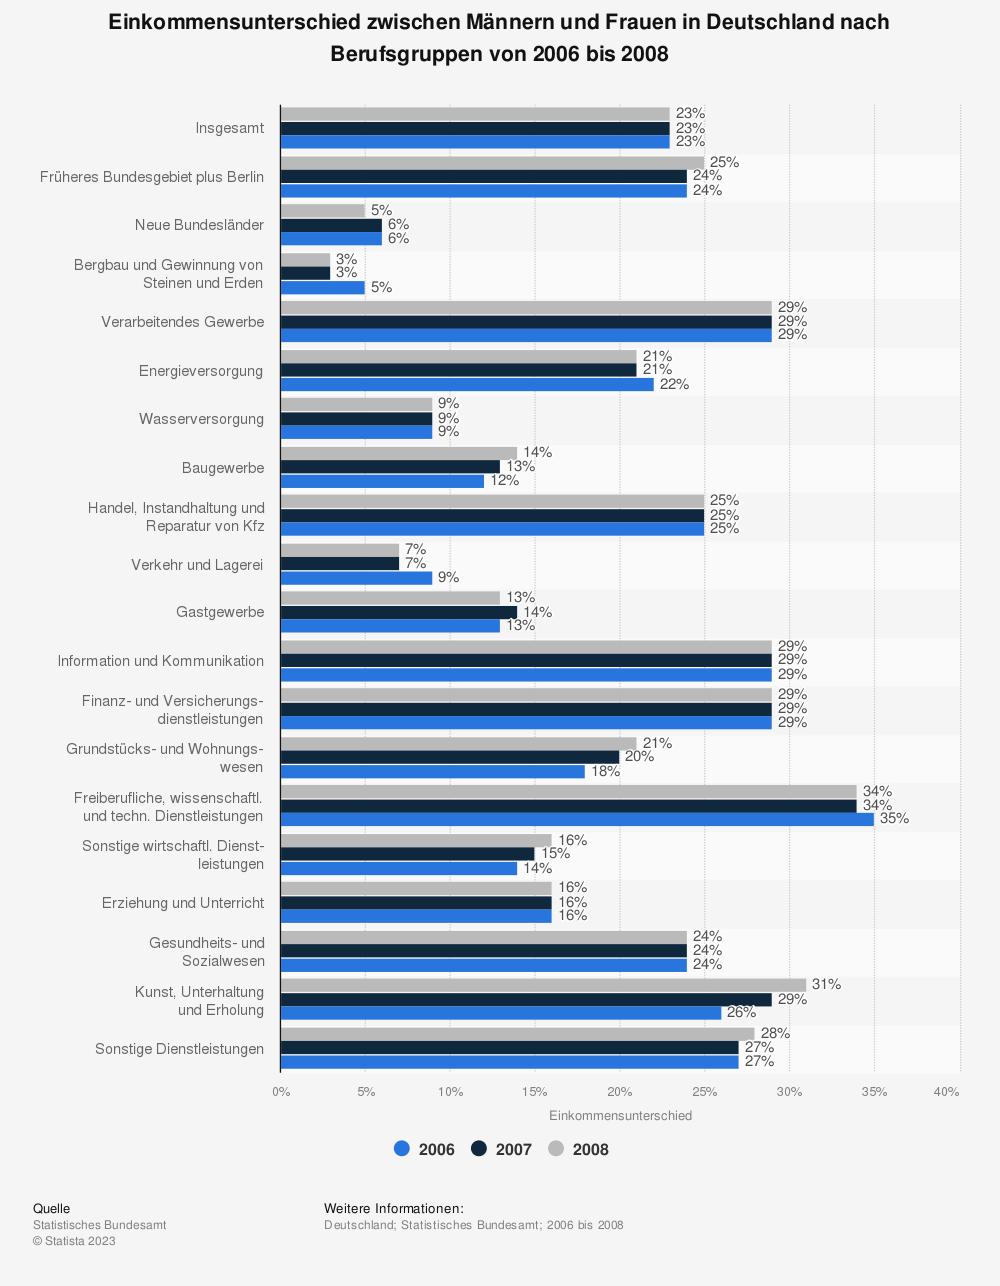 Statistik: Einkommensunterschied zwischen Männern und Frauen in Deutschland nach Berufsgruppen von 2006 bis 2008 | Statista